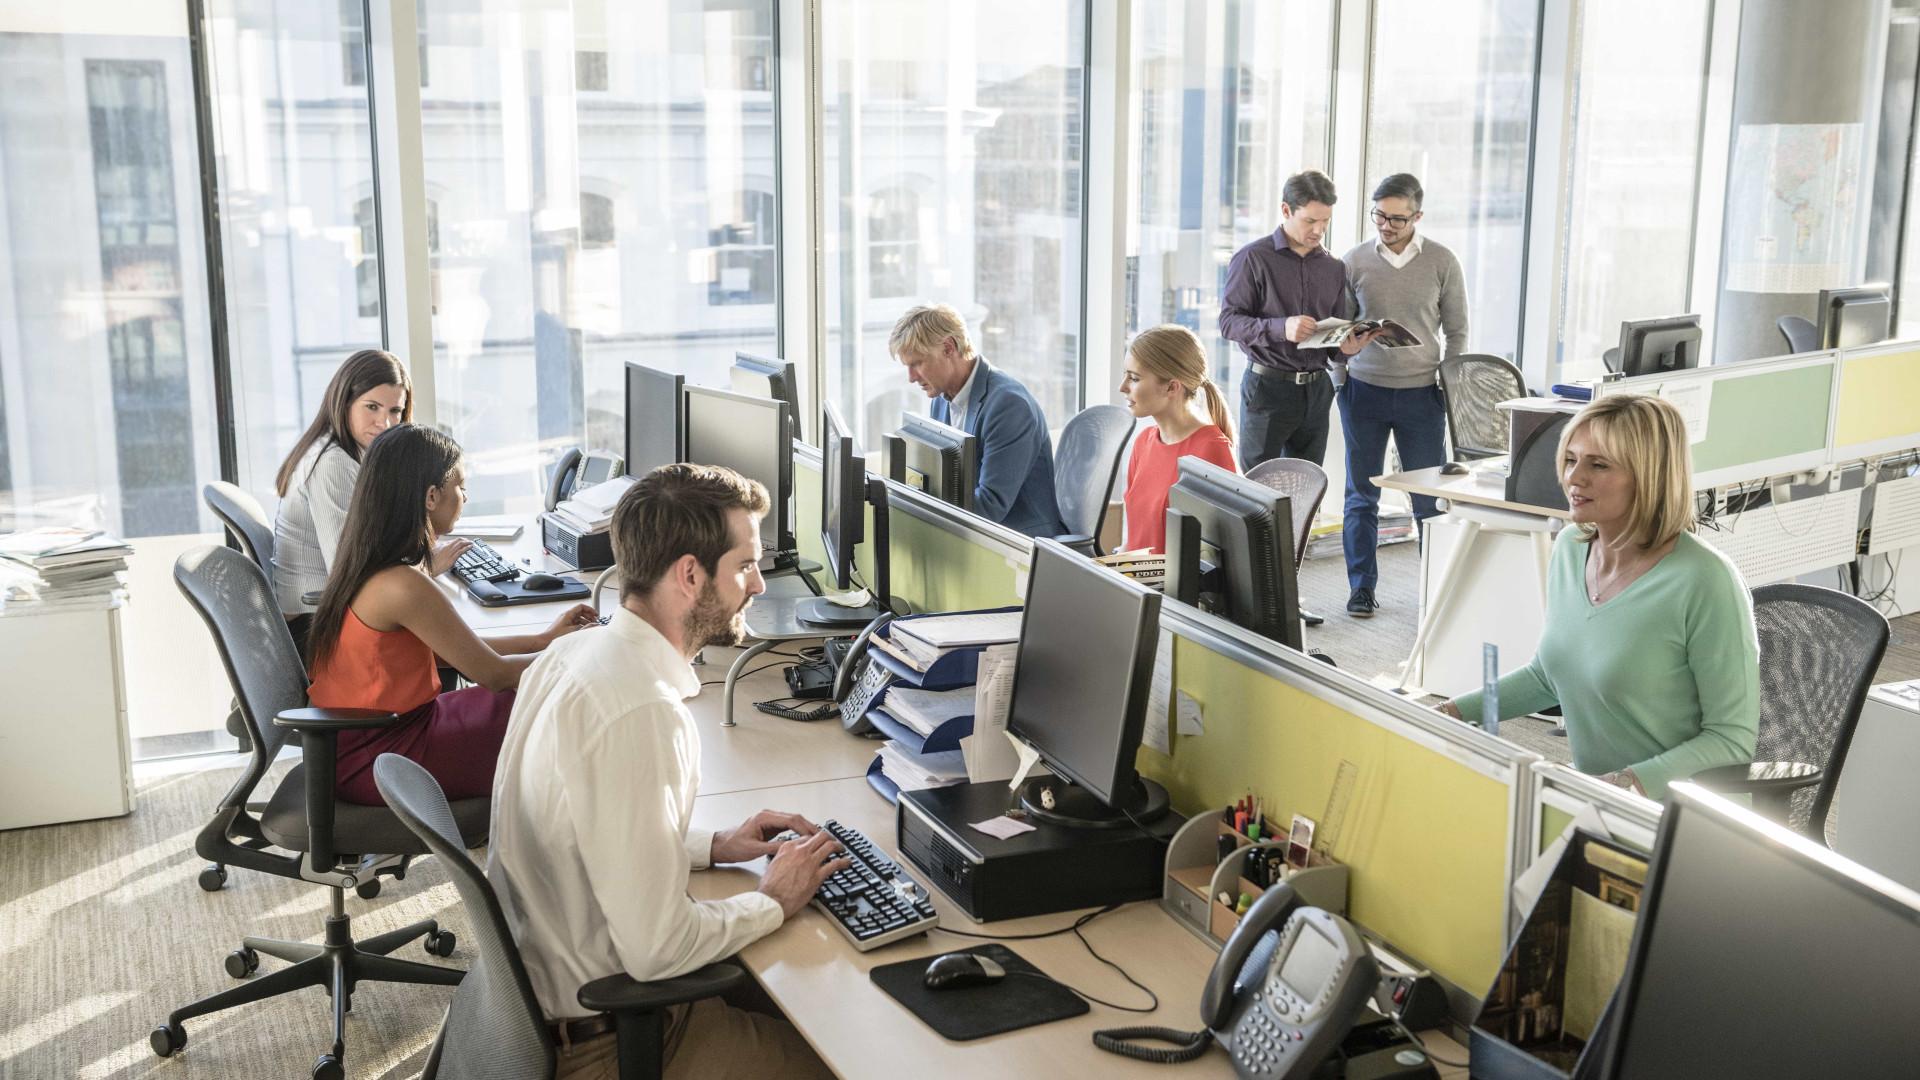 Com crise, abertura de companhias  bate recorde no 1º trimestre